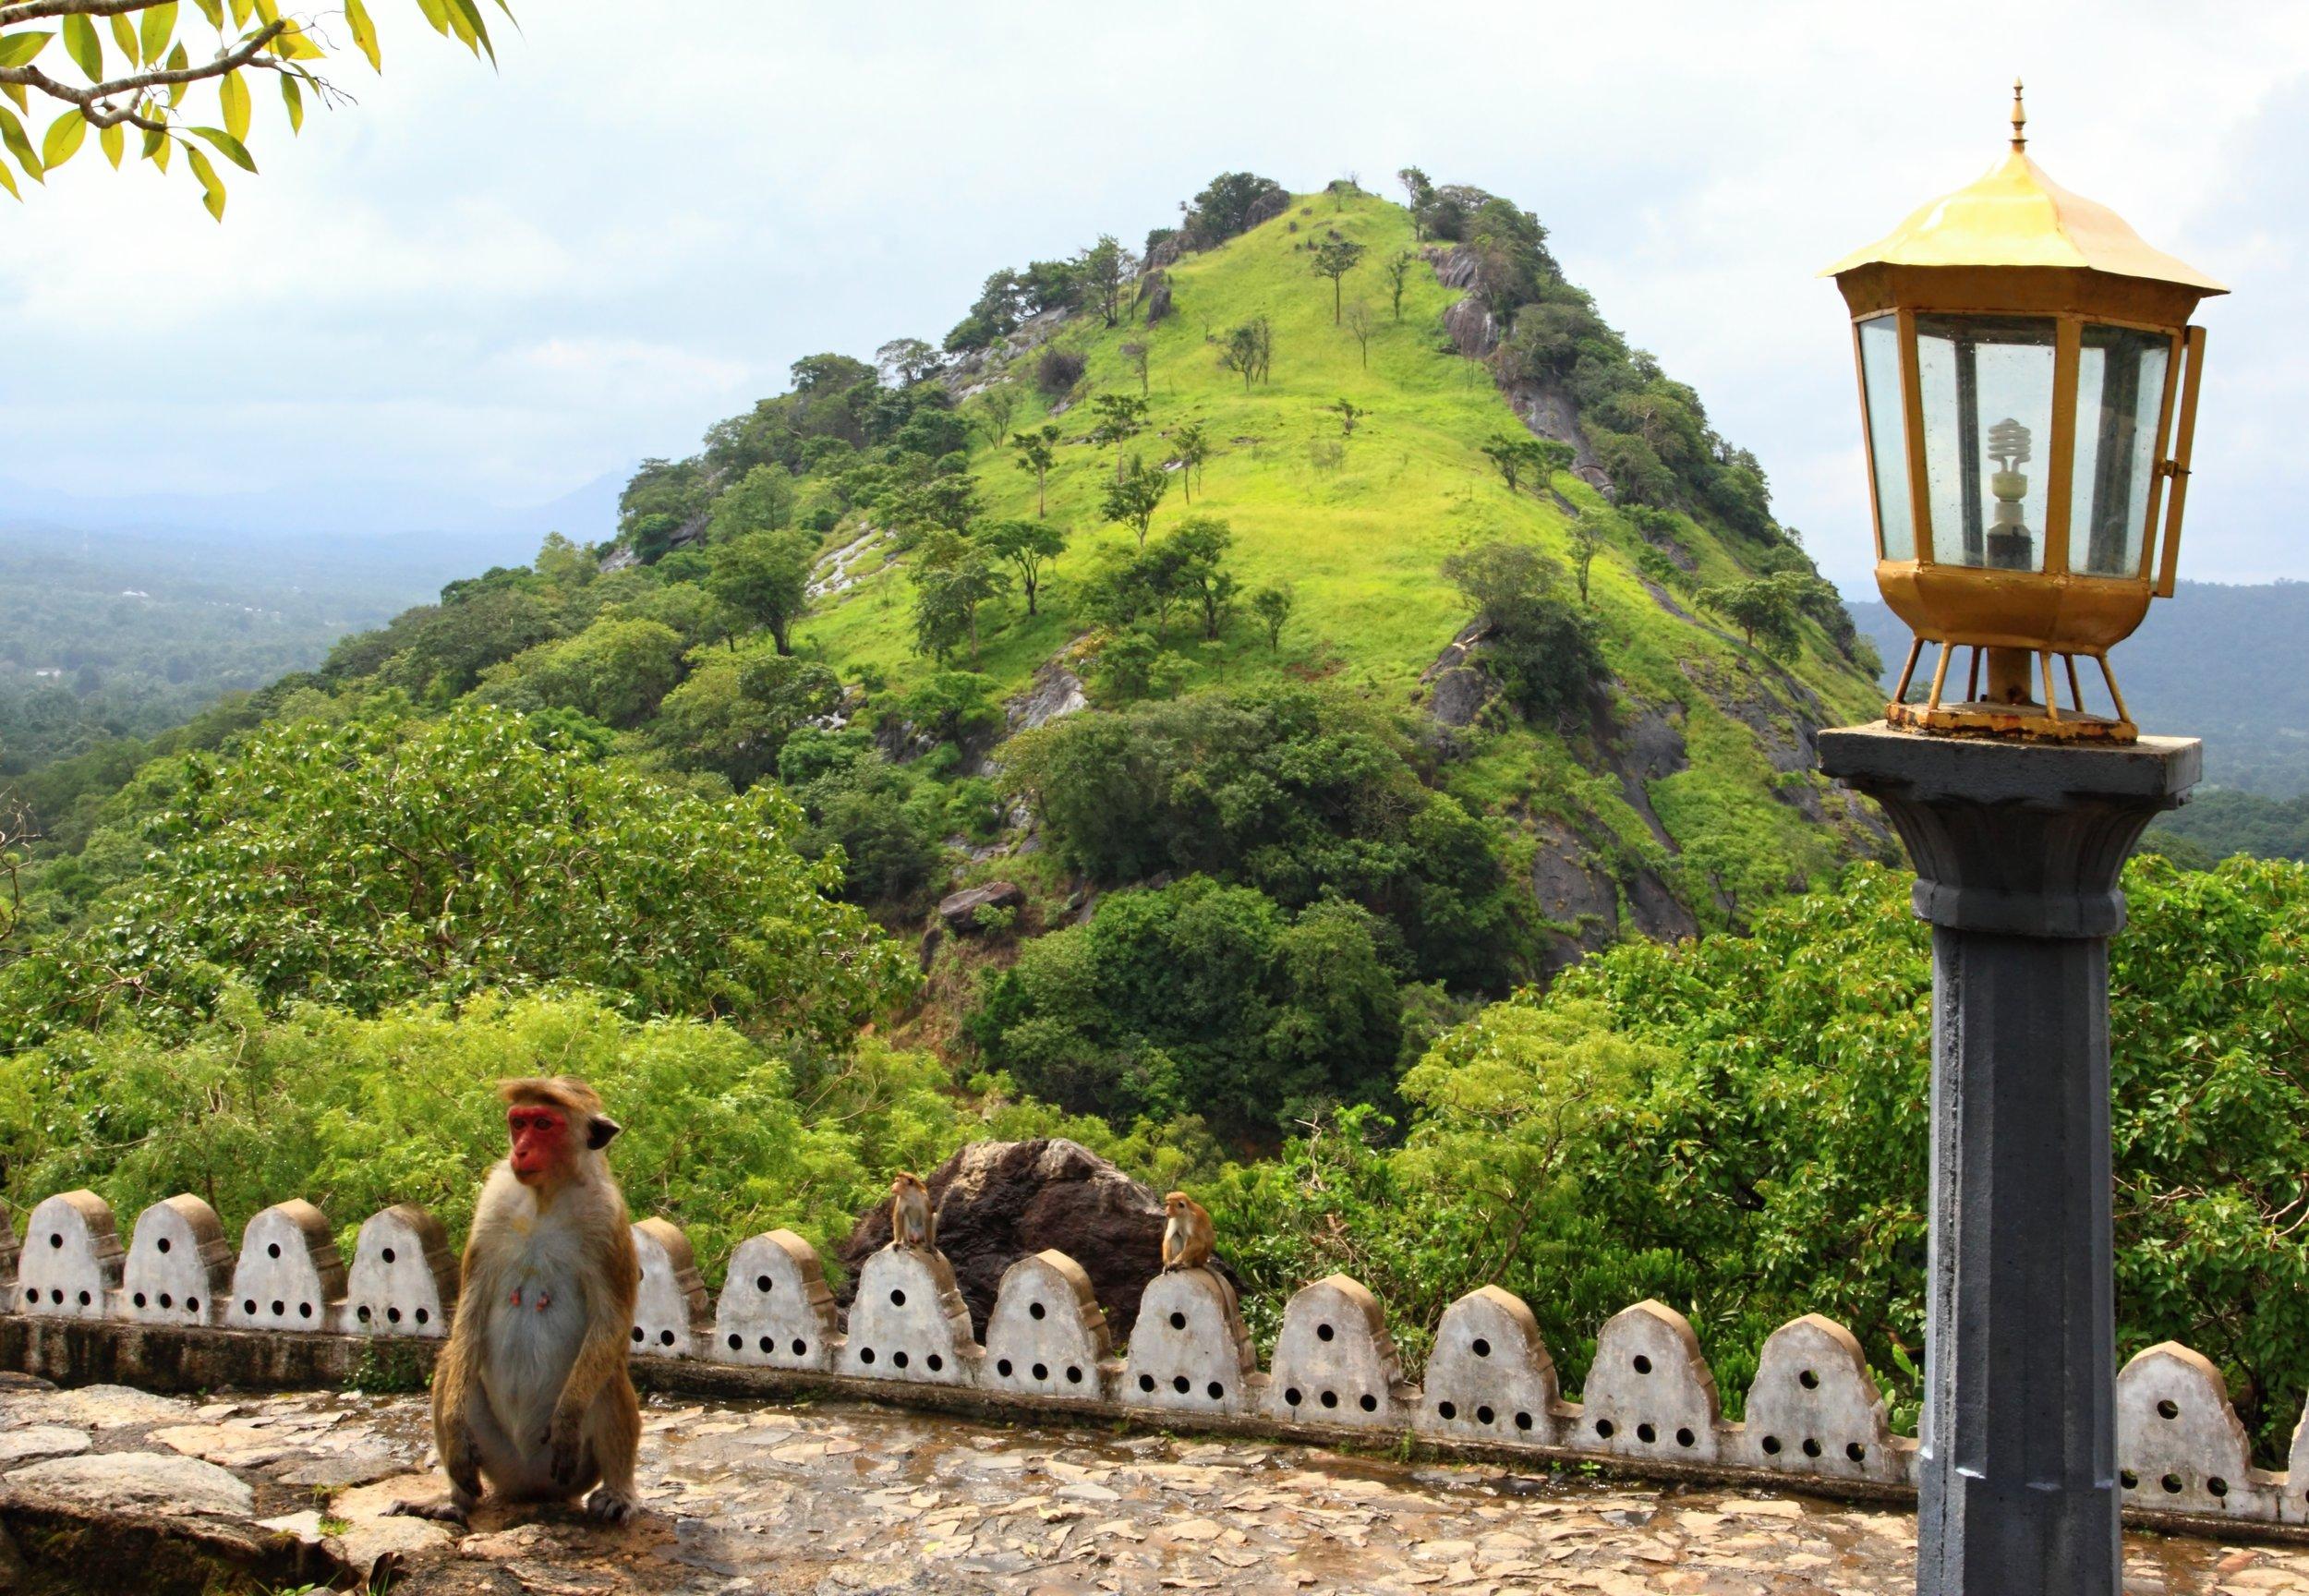 srilanka_bigstock--184971136.jpg